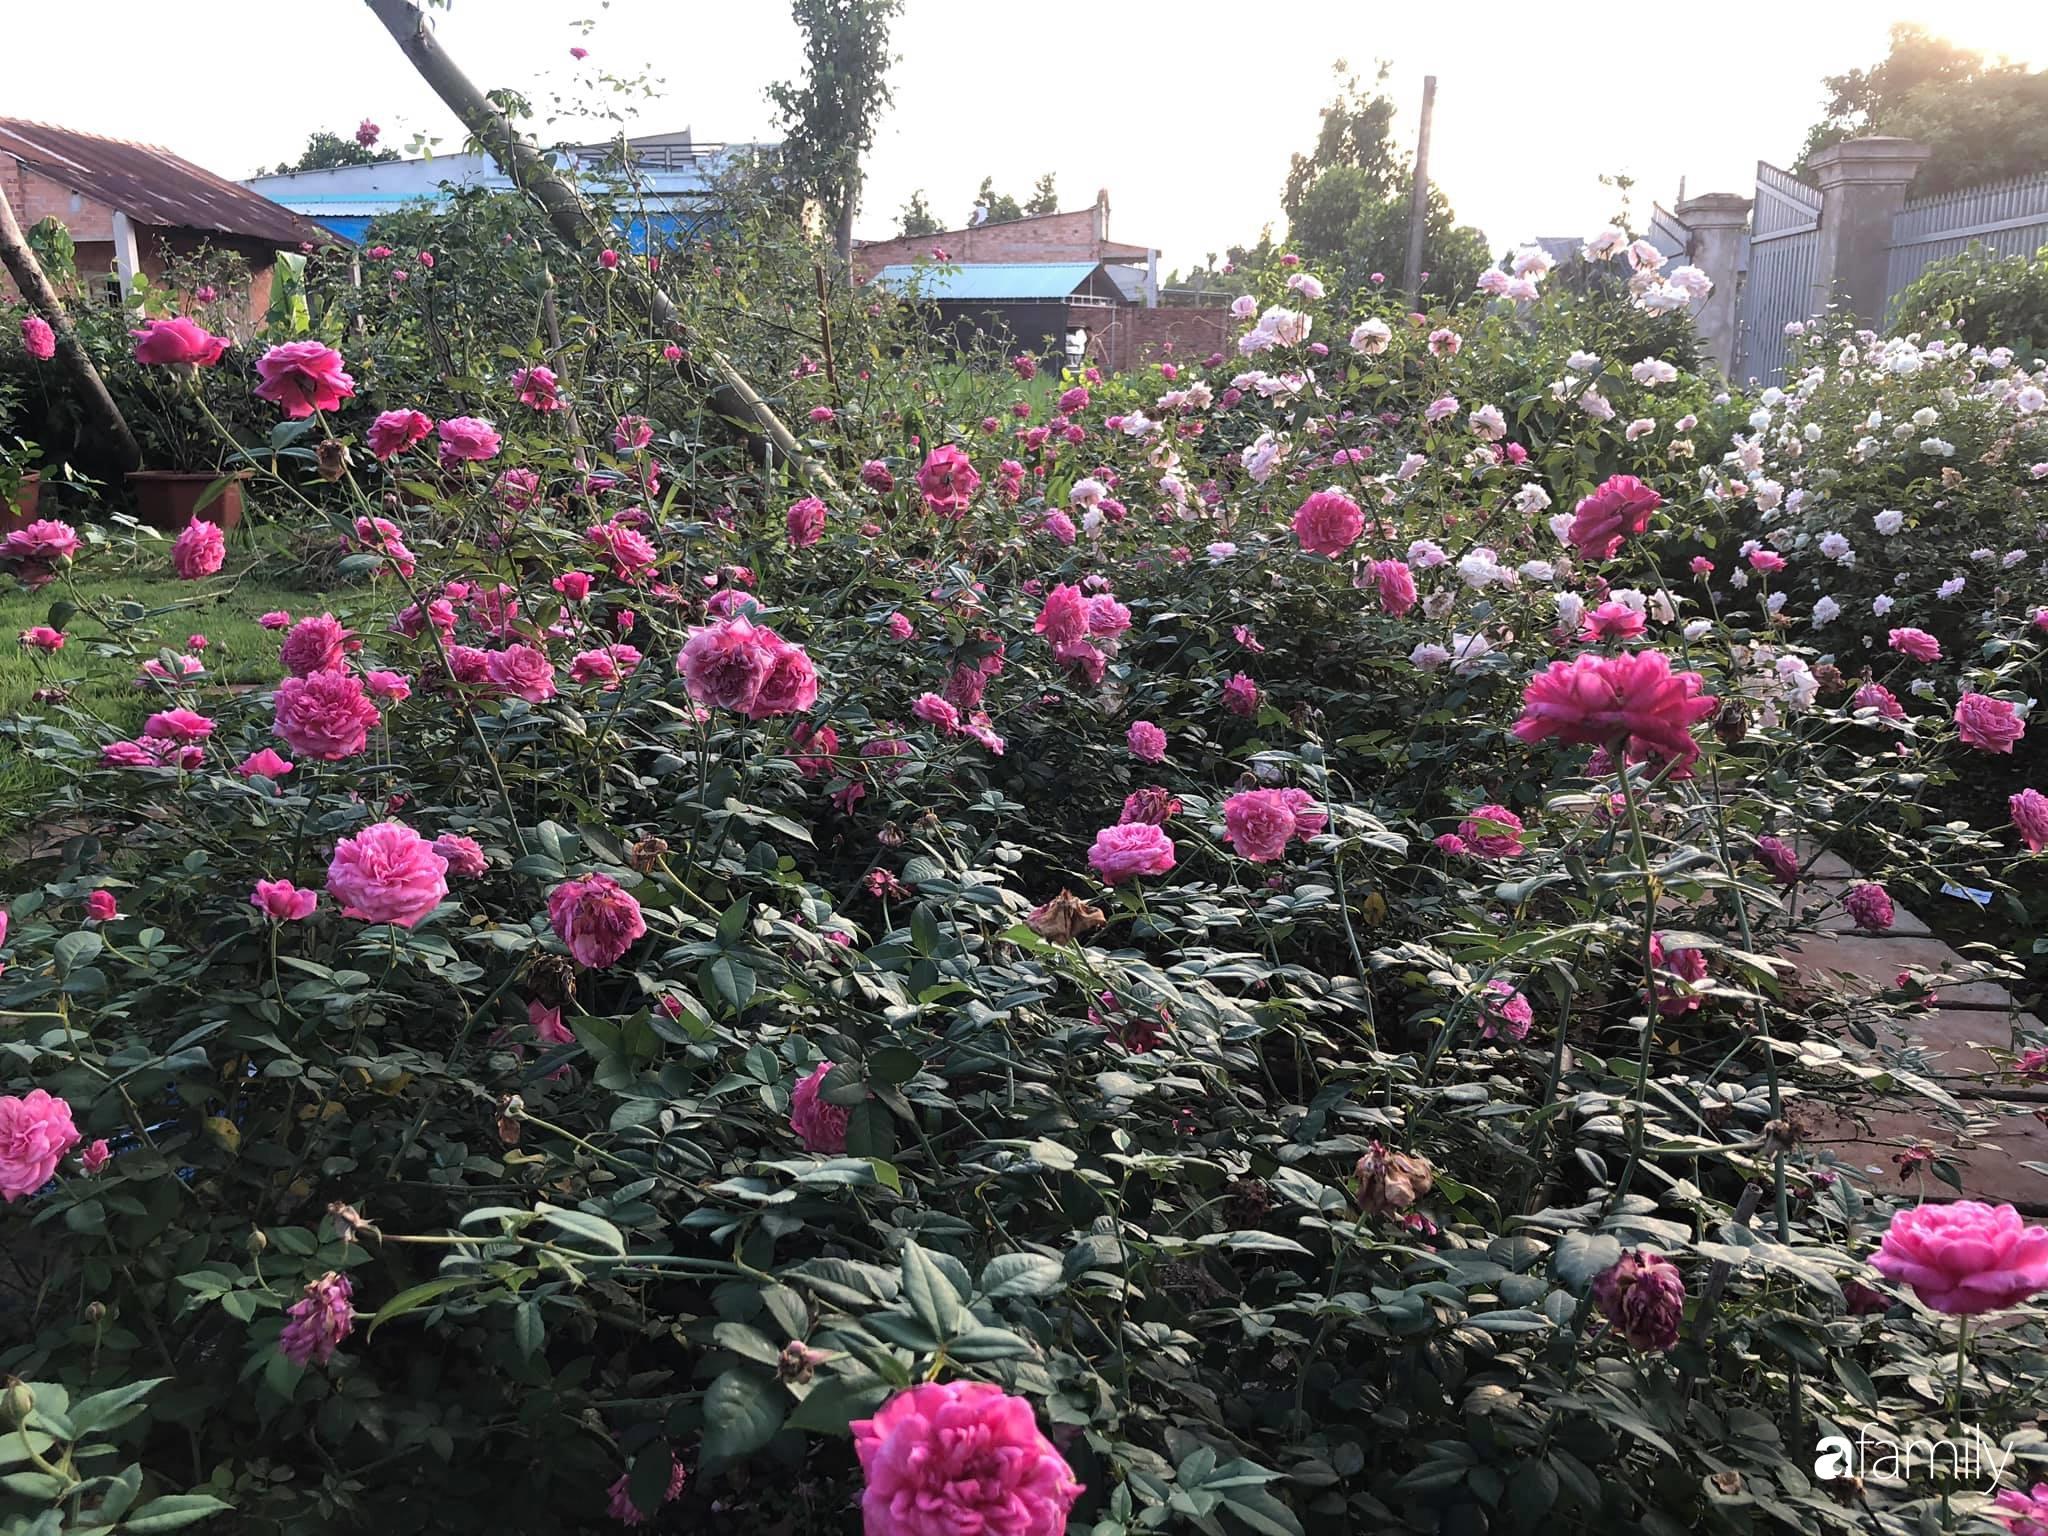 Khu vườn hoa hồng đẹp như cổ tích mà người chồng ngày đêm chăm sóc để tặng vợ con ở Vũng Tàu-8